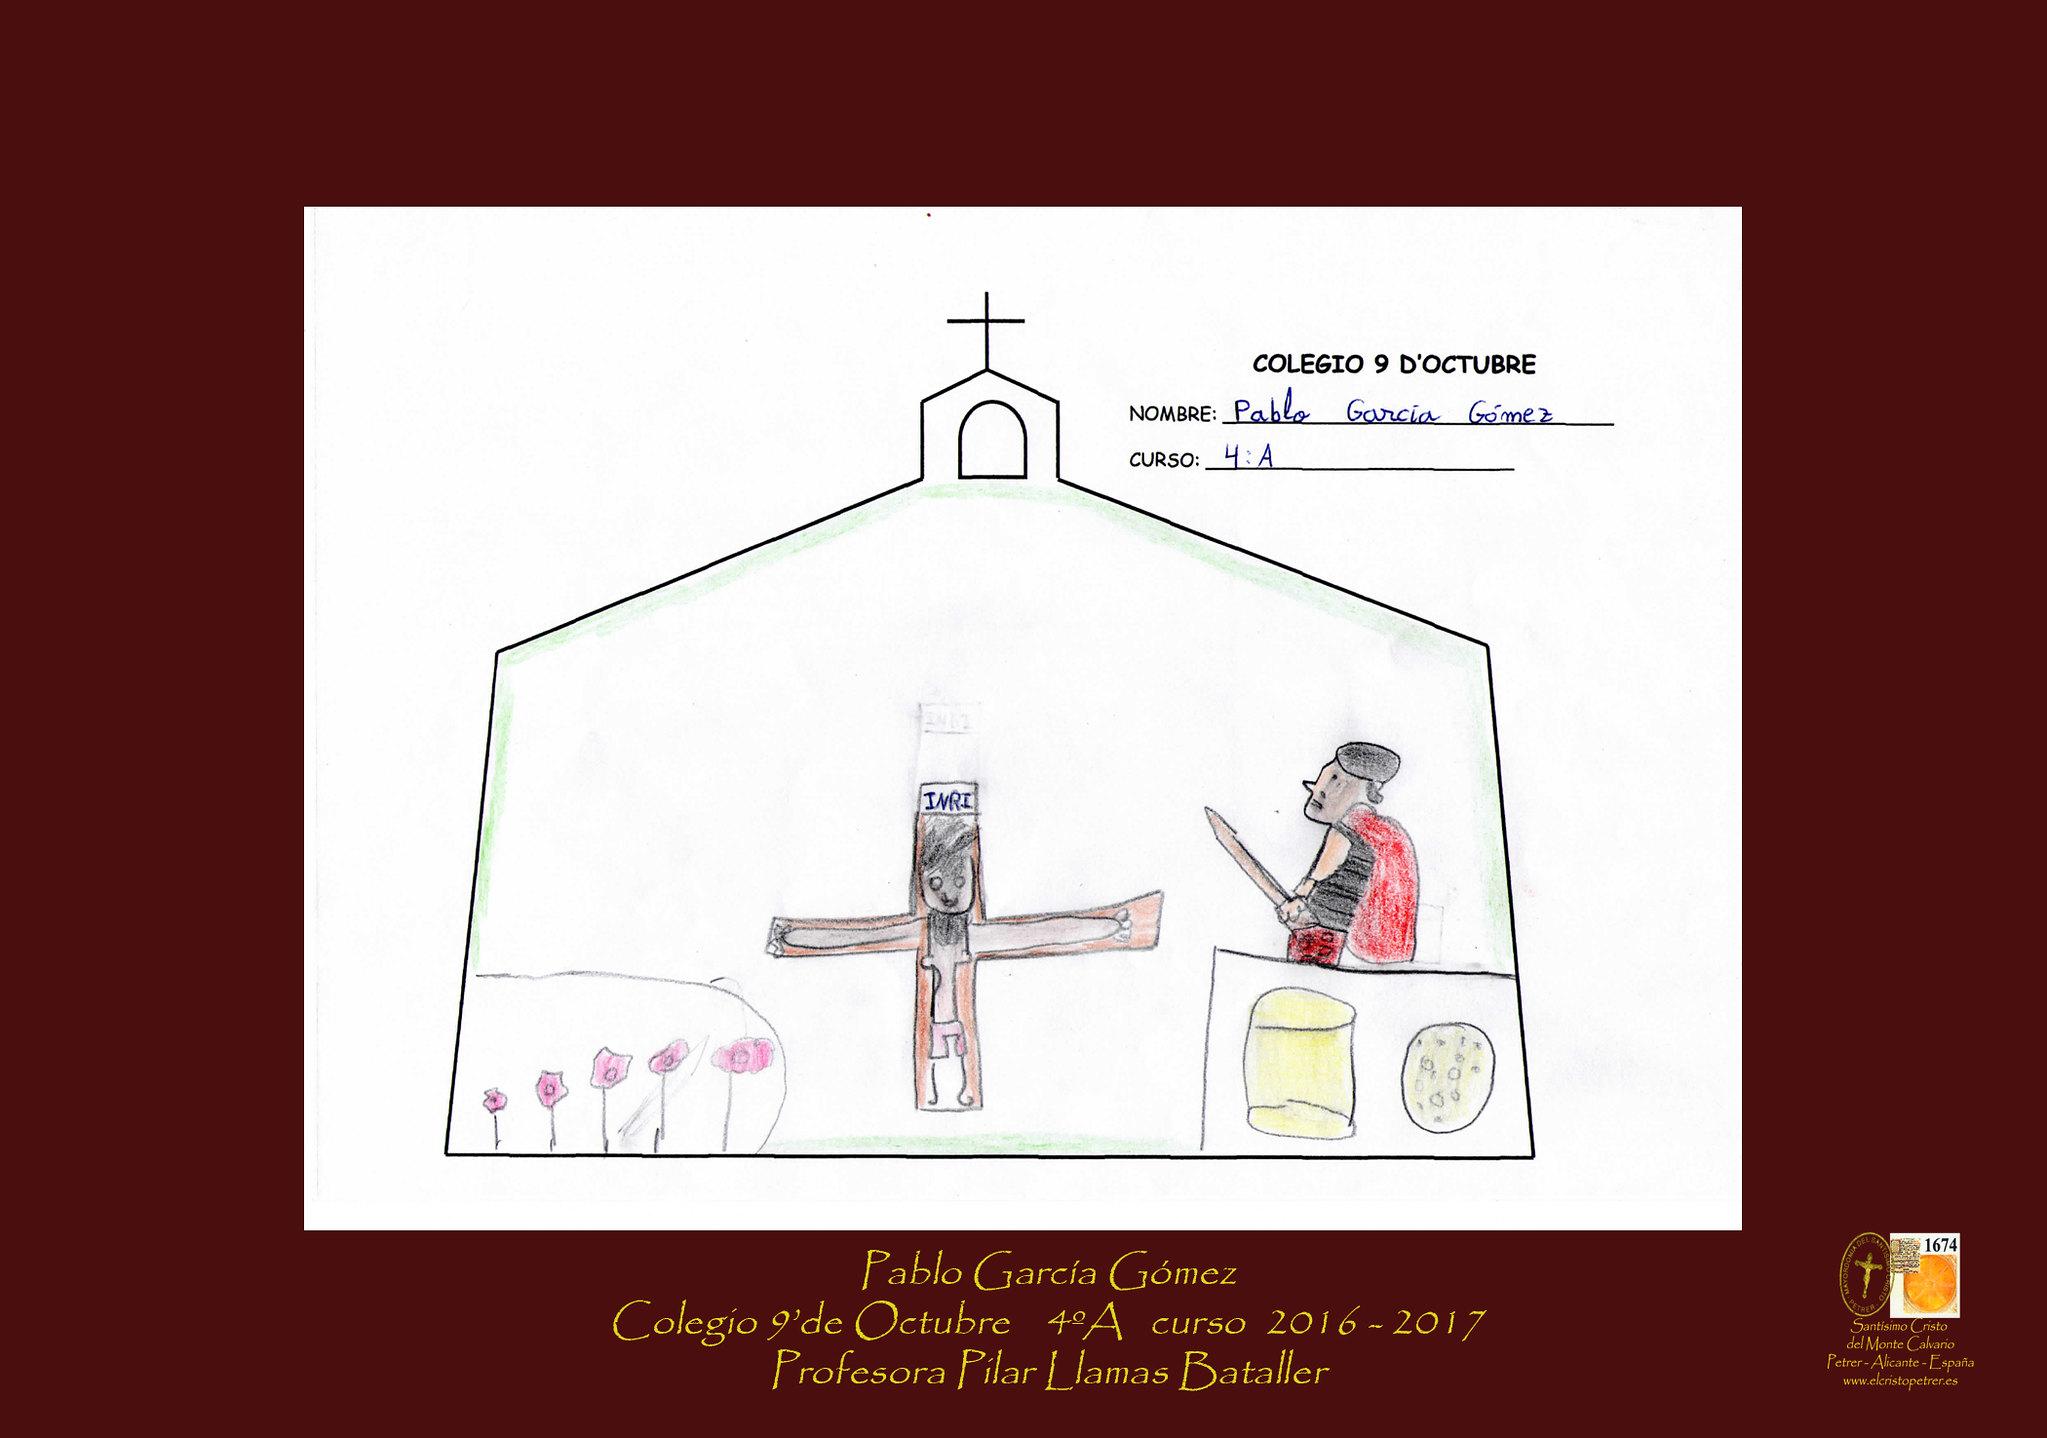 ElCristo - Actos - Exposicion Fotografica - (2017-12-01) - 9 D'Octubre - 4ºA - García Gómez, Pablo